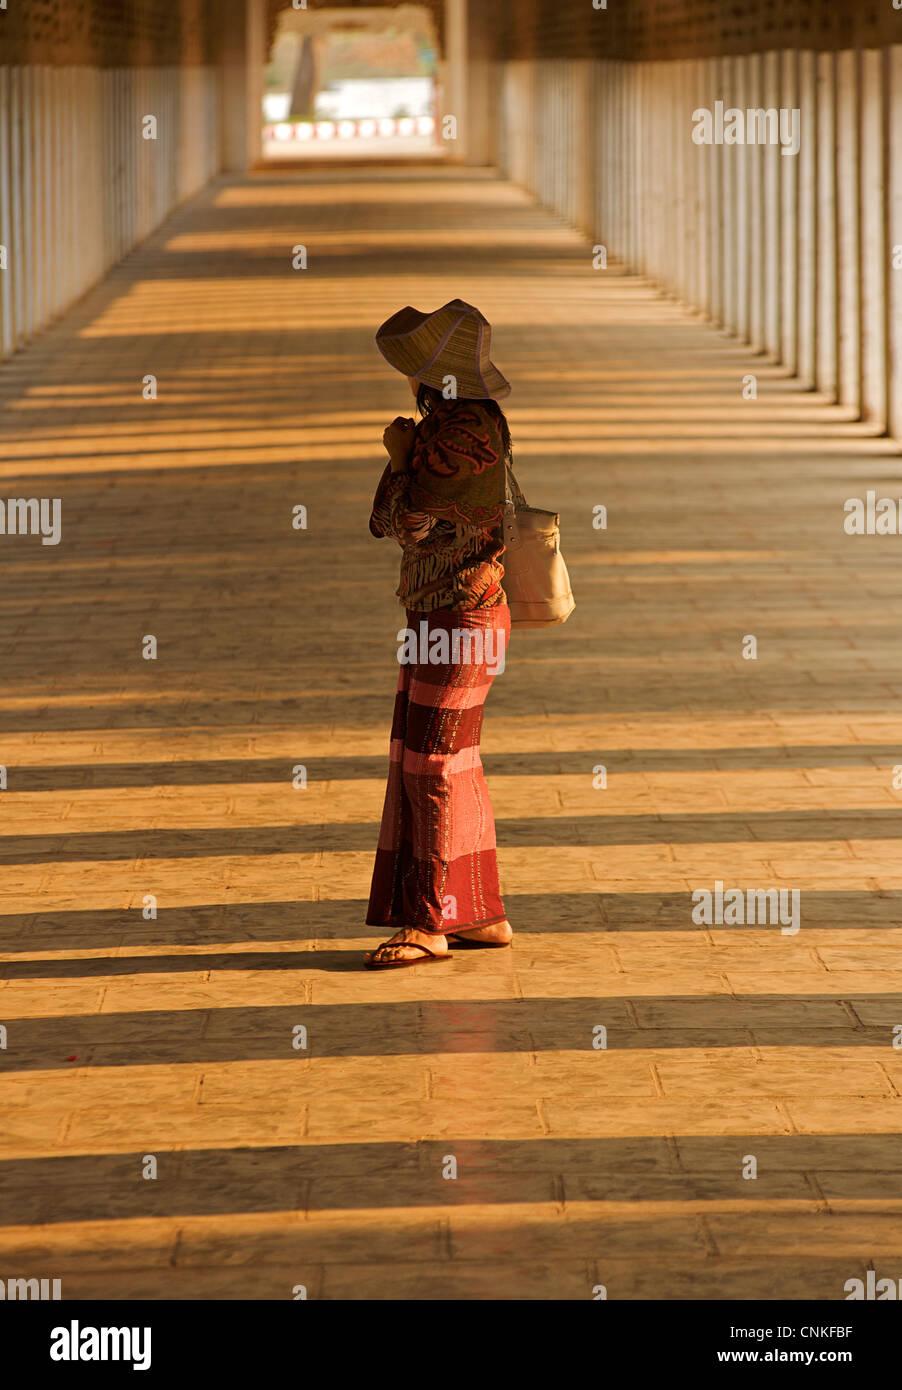 Donna birmana nel corridoio a pagoda di Shwezigon, Bagan. La Birmania. Modello rilasciato. Immagini Stock